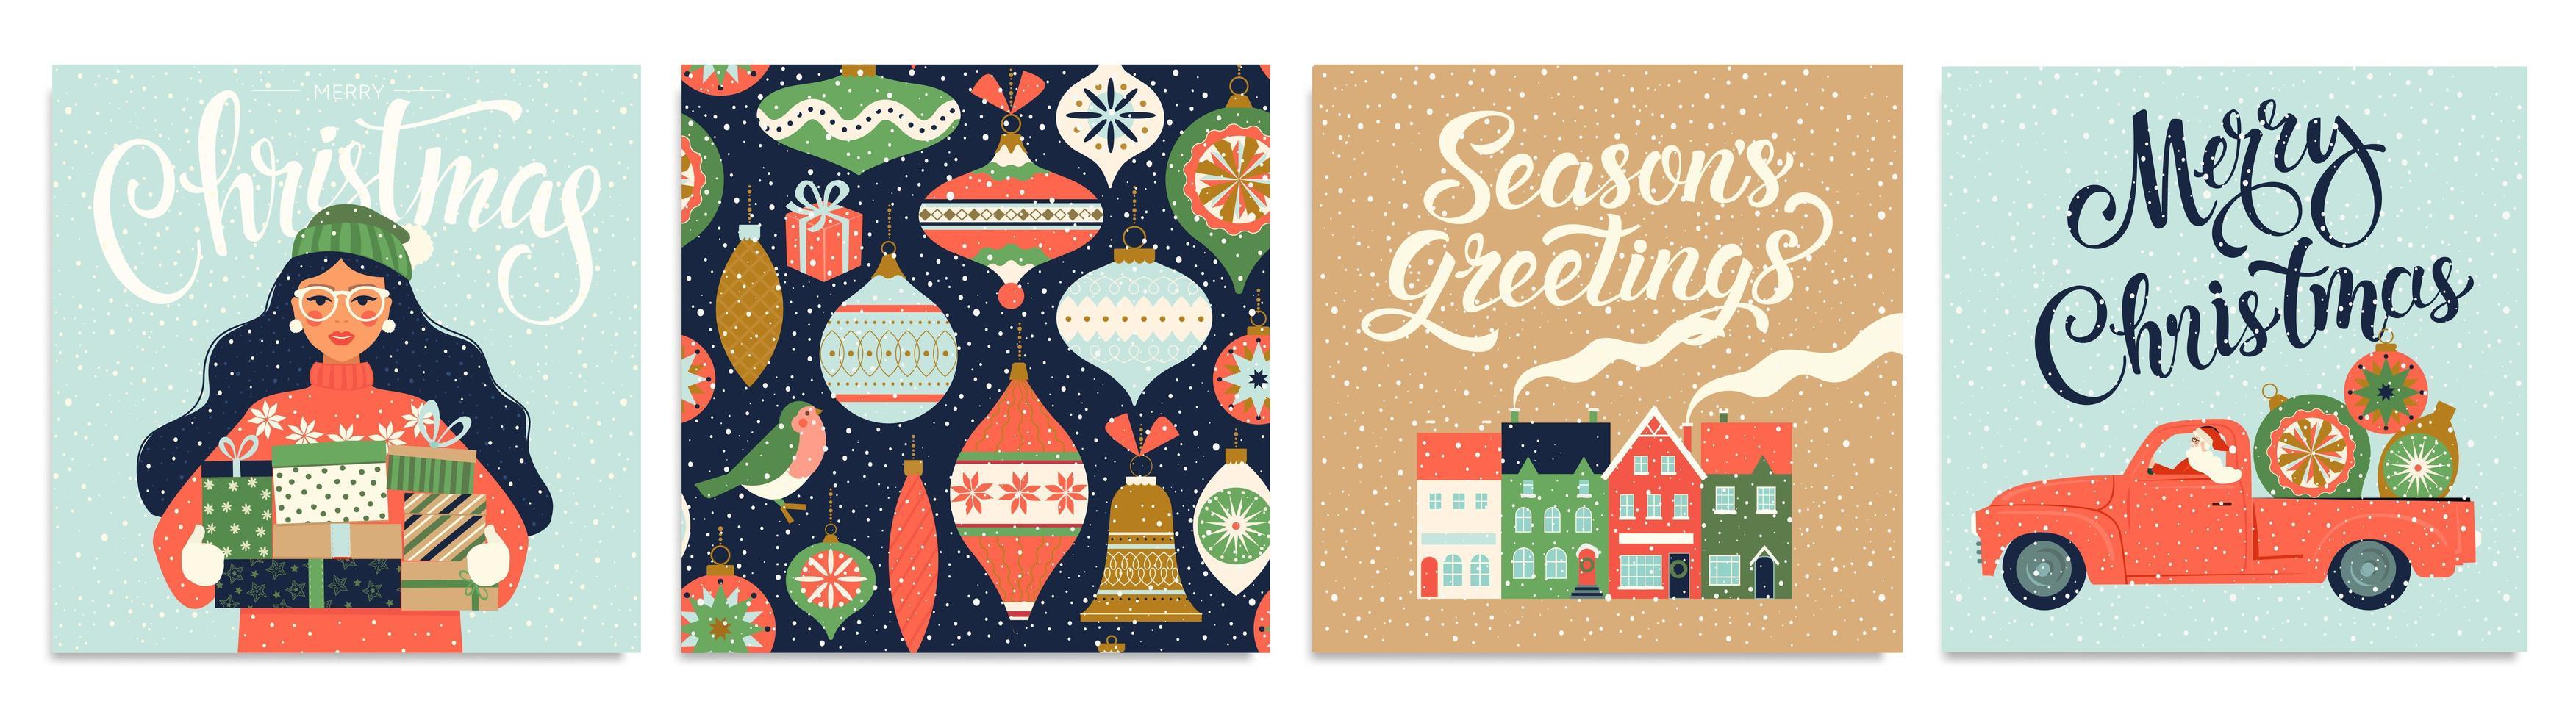 modèle de Noël et nouvel an pour scrapbooking de voeux, félicitations, invitations, étiquettes, autocollants, cartes postales. ensemble d'affiches de Noël. vecteur